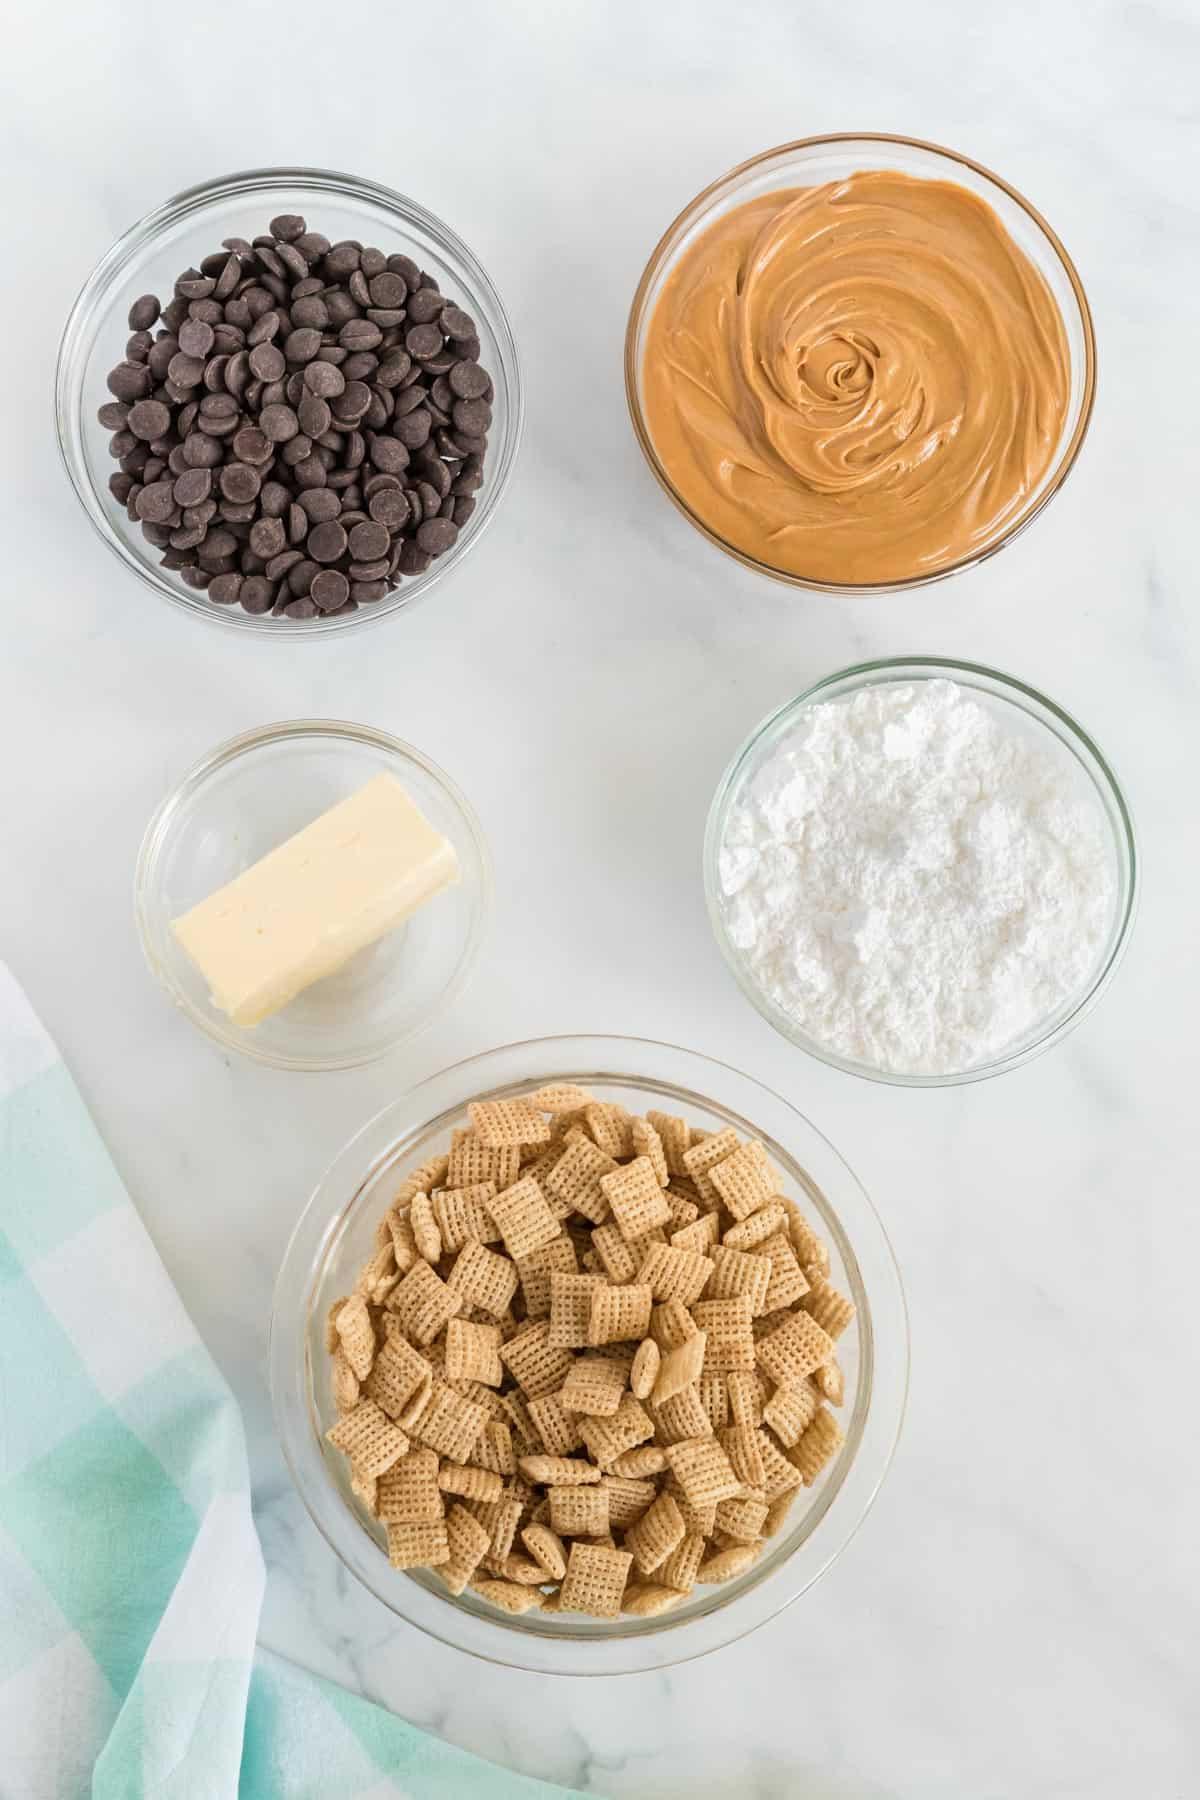 ingredients to make muddy buddies